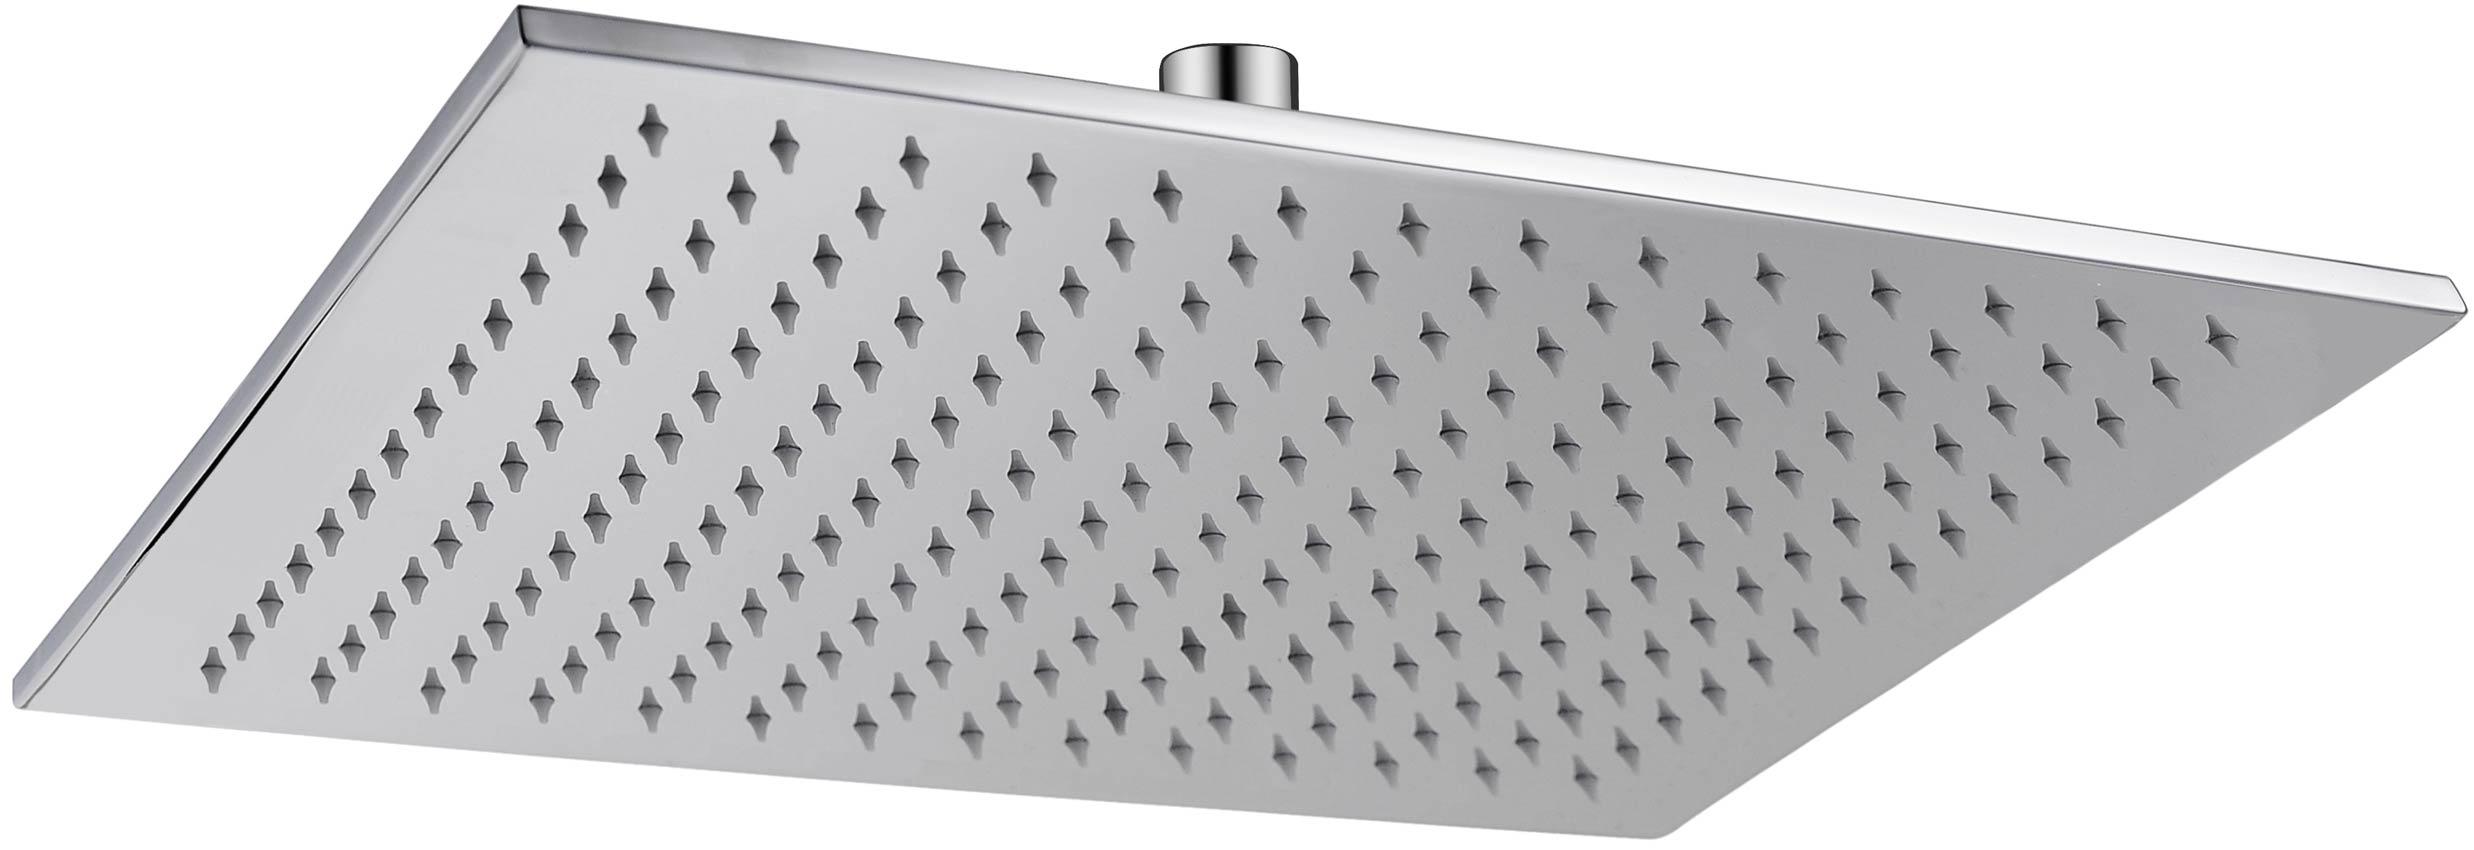 Delò square - soffione doccia - cod. 1403018